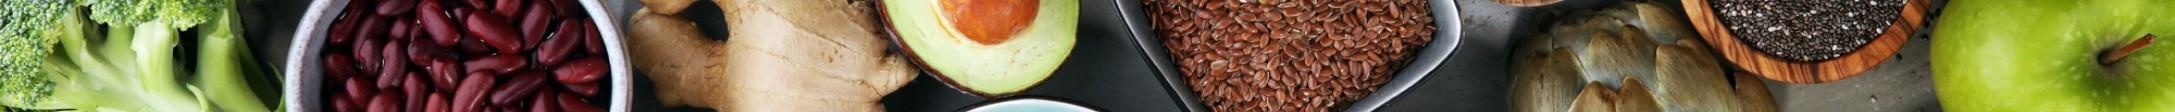 Comprar  productos Ecológico, Bio 0 Gluten | Mixtura Gourmet